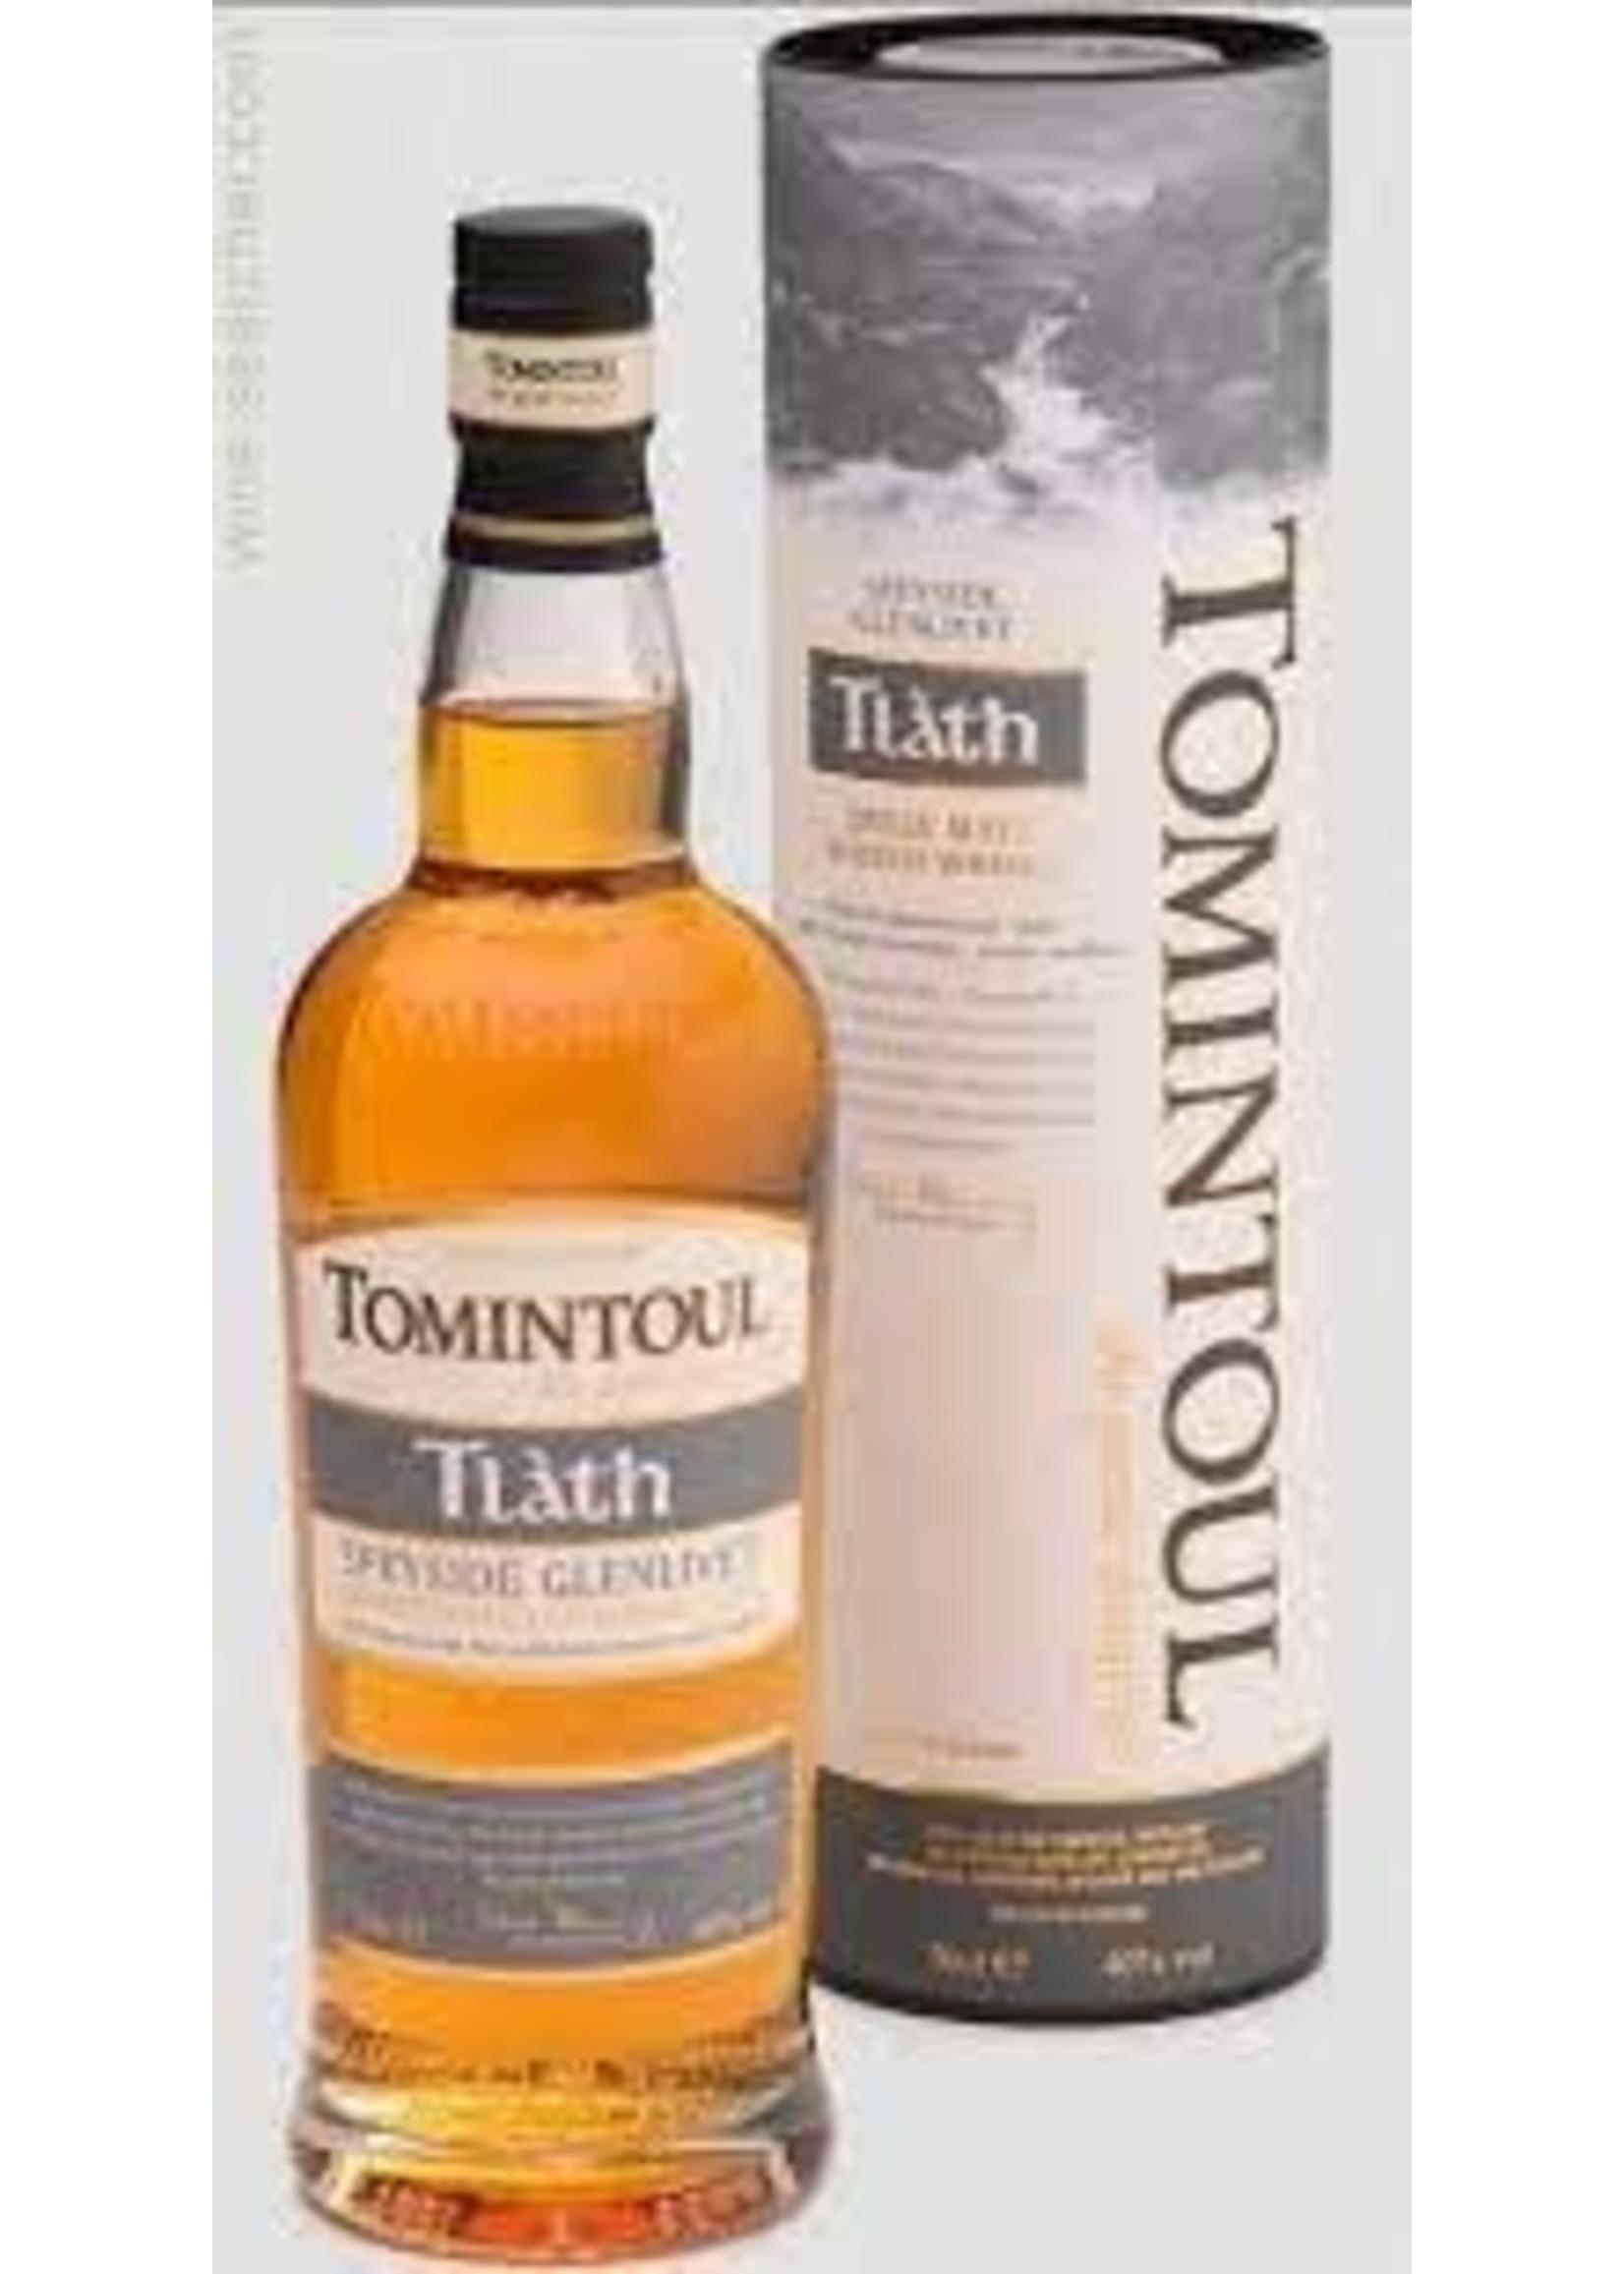 Tomintoul L'Tath Speyside Glenlivet Single Malt Scotch Whisky 750ml